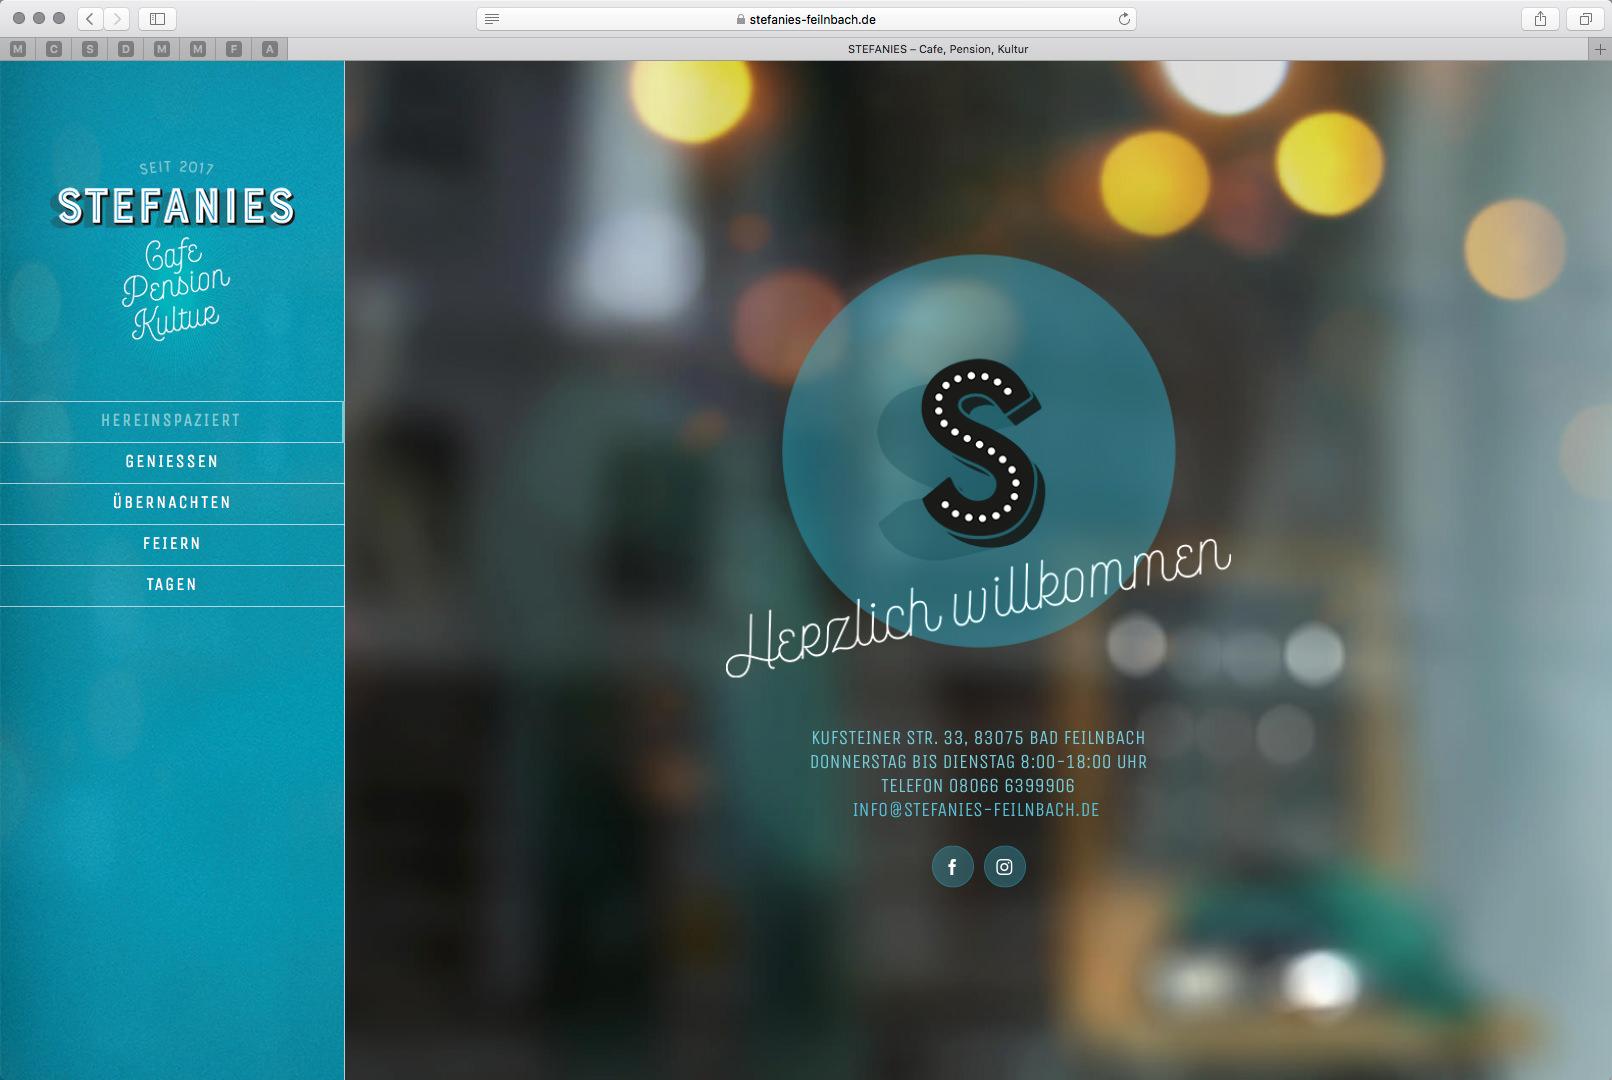 Webdesign für STEFANIES, Cafe, Pension, Kultur